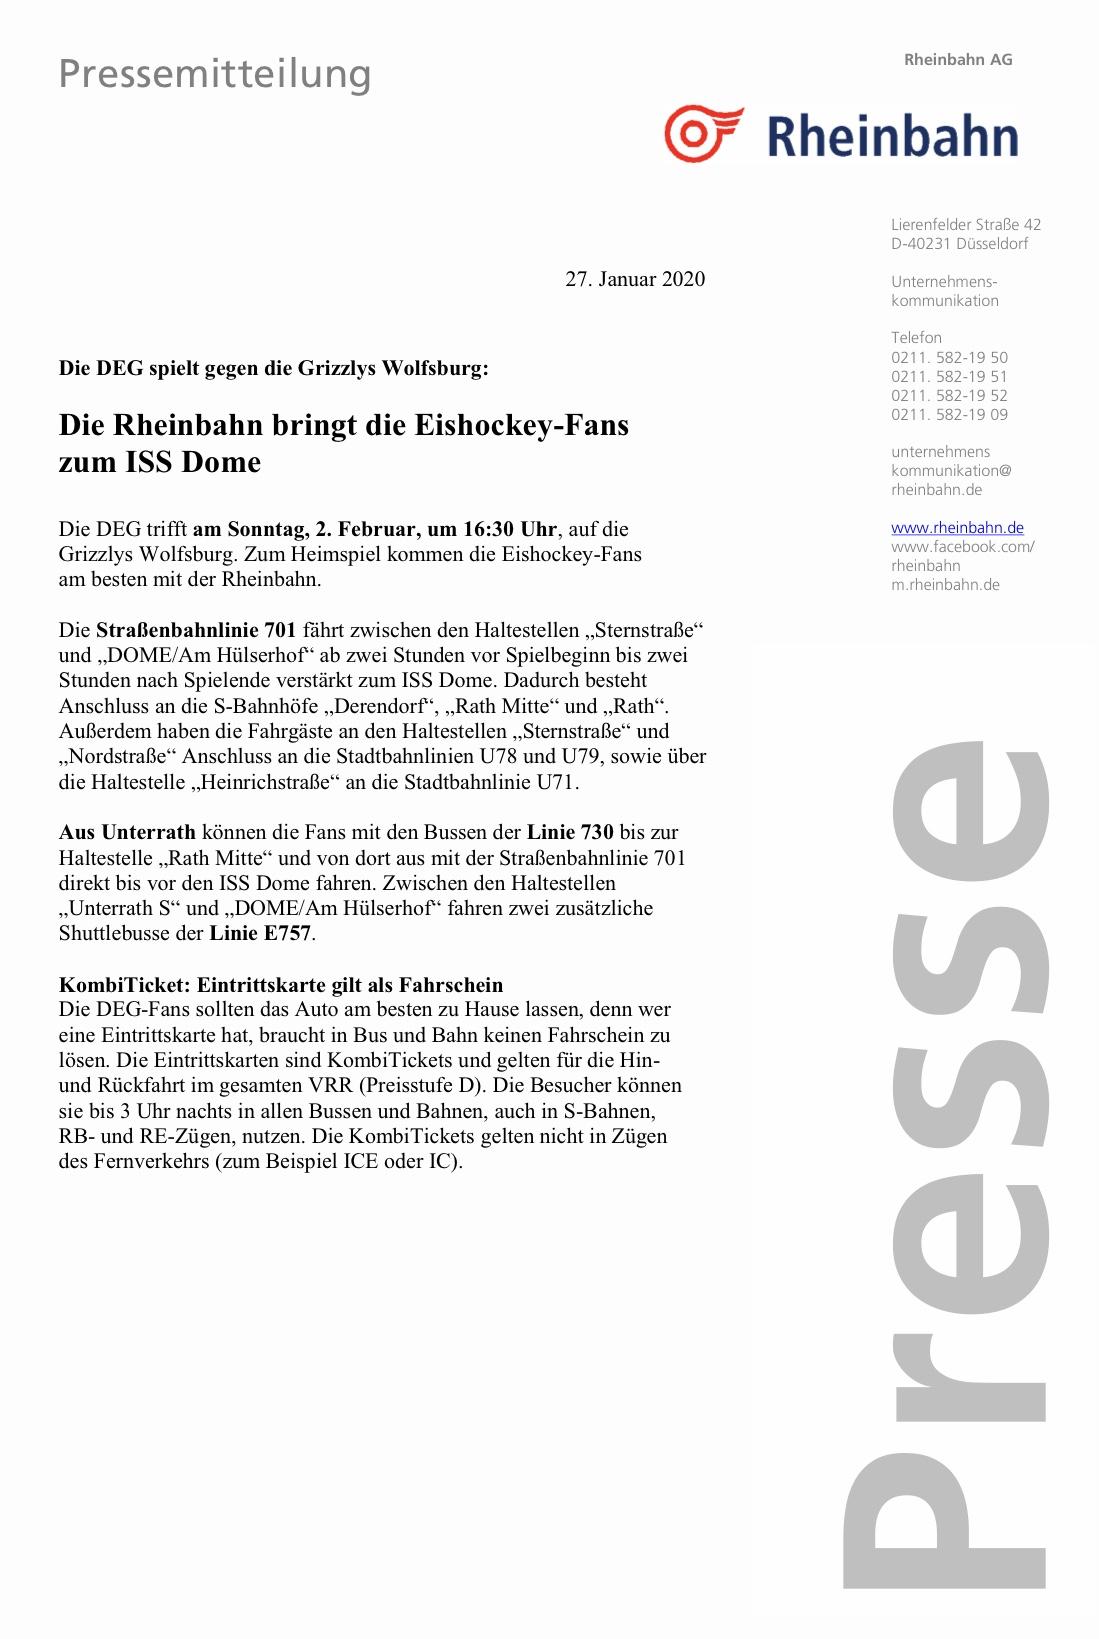 Die DEG vs. Grizzlys Wolfsburg – Die Rheinbahn bringt die Eishockey-Fans zum ISS Dome